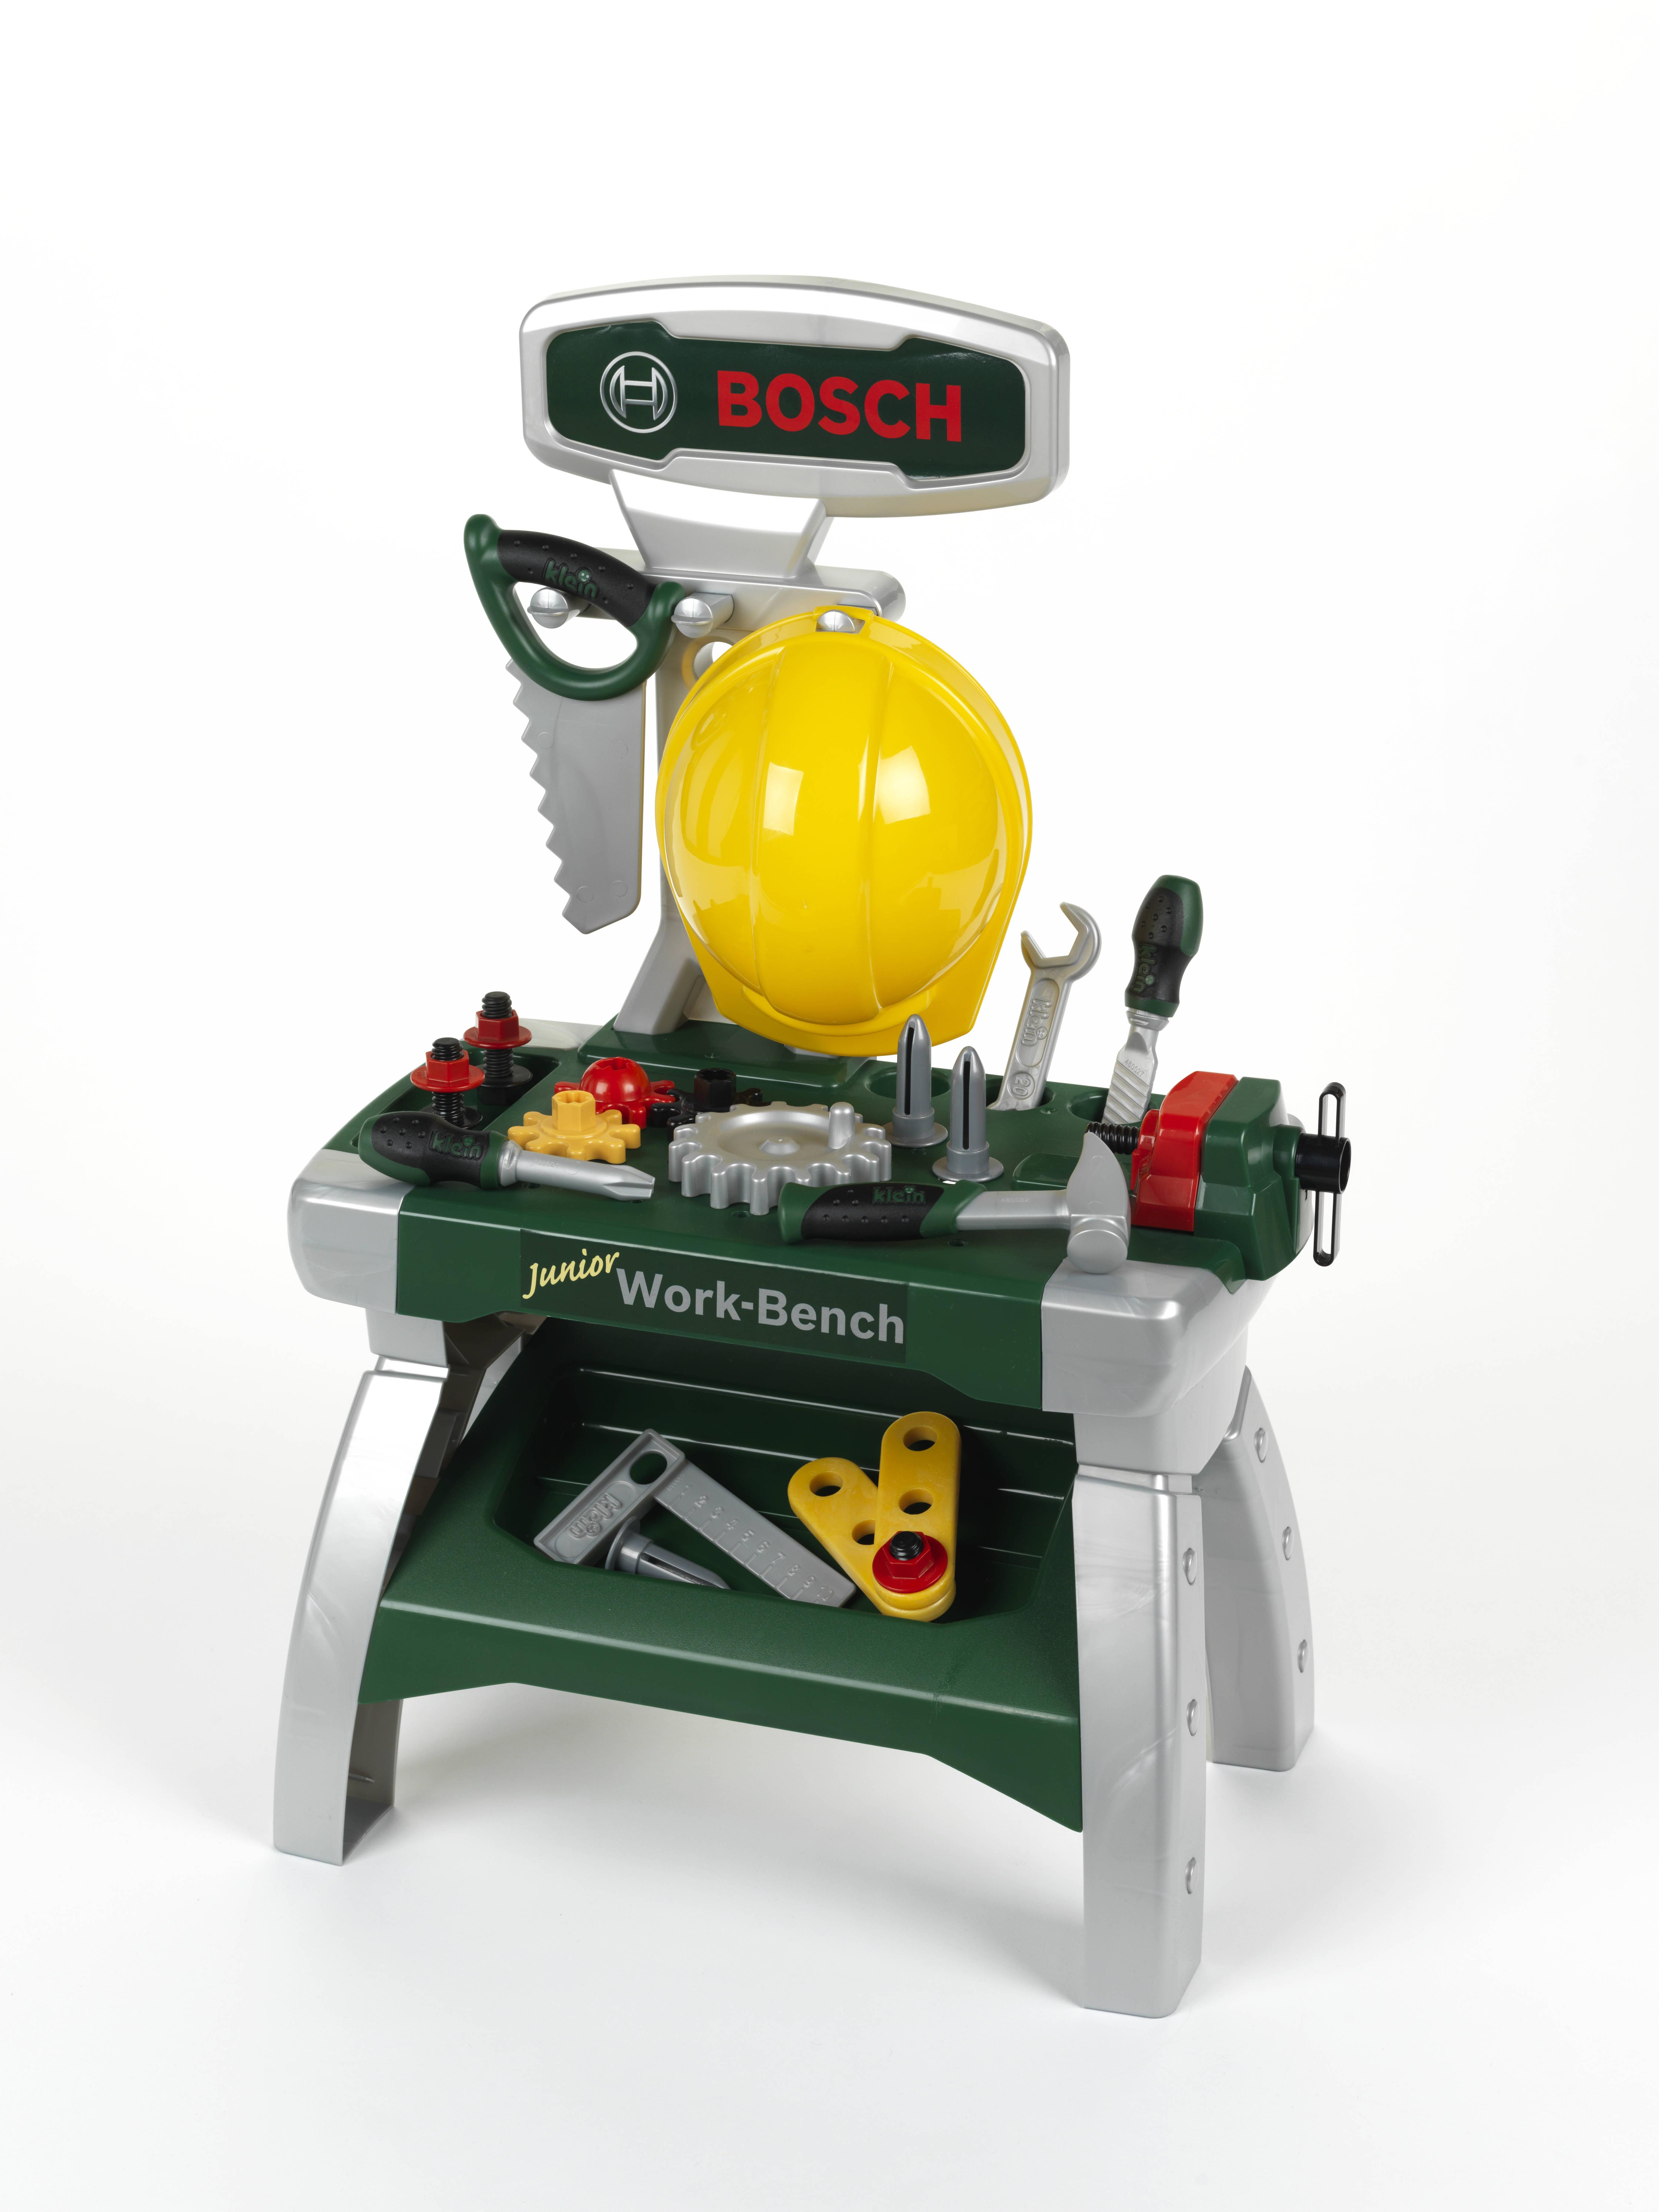 Bosch Workbench Junior Klein Toys